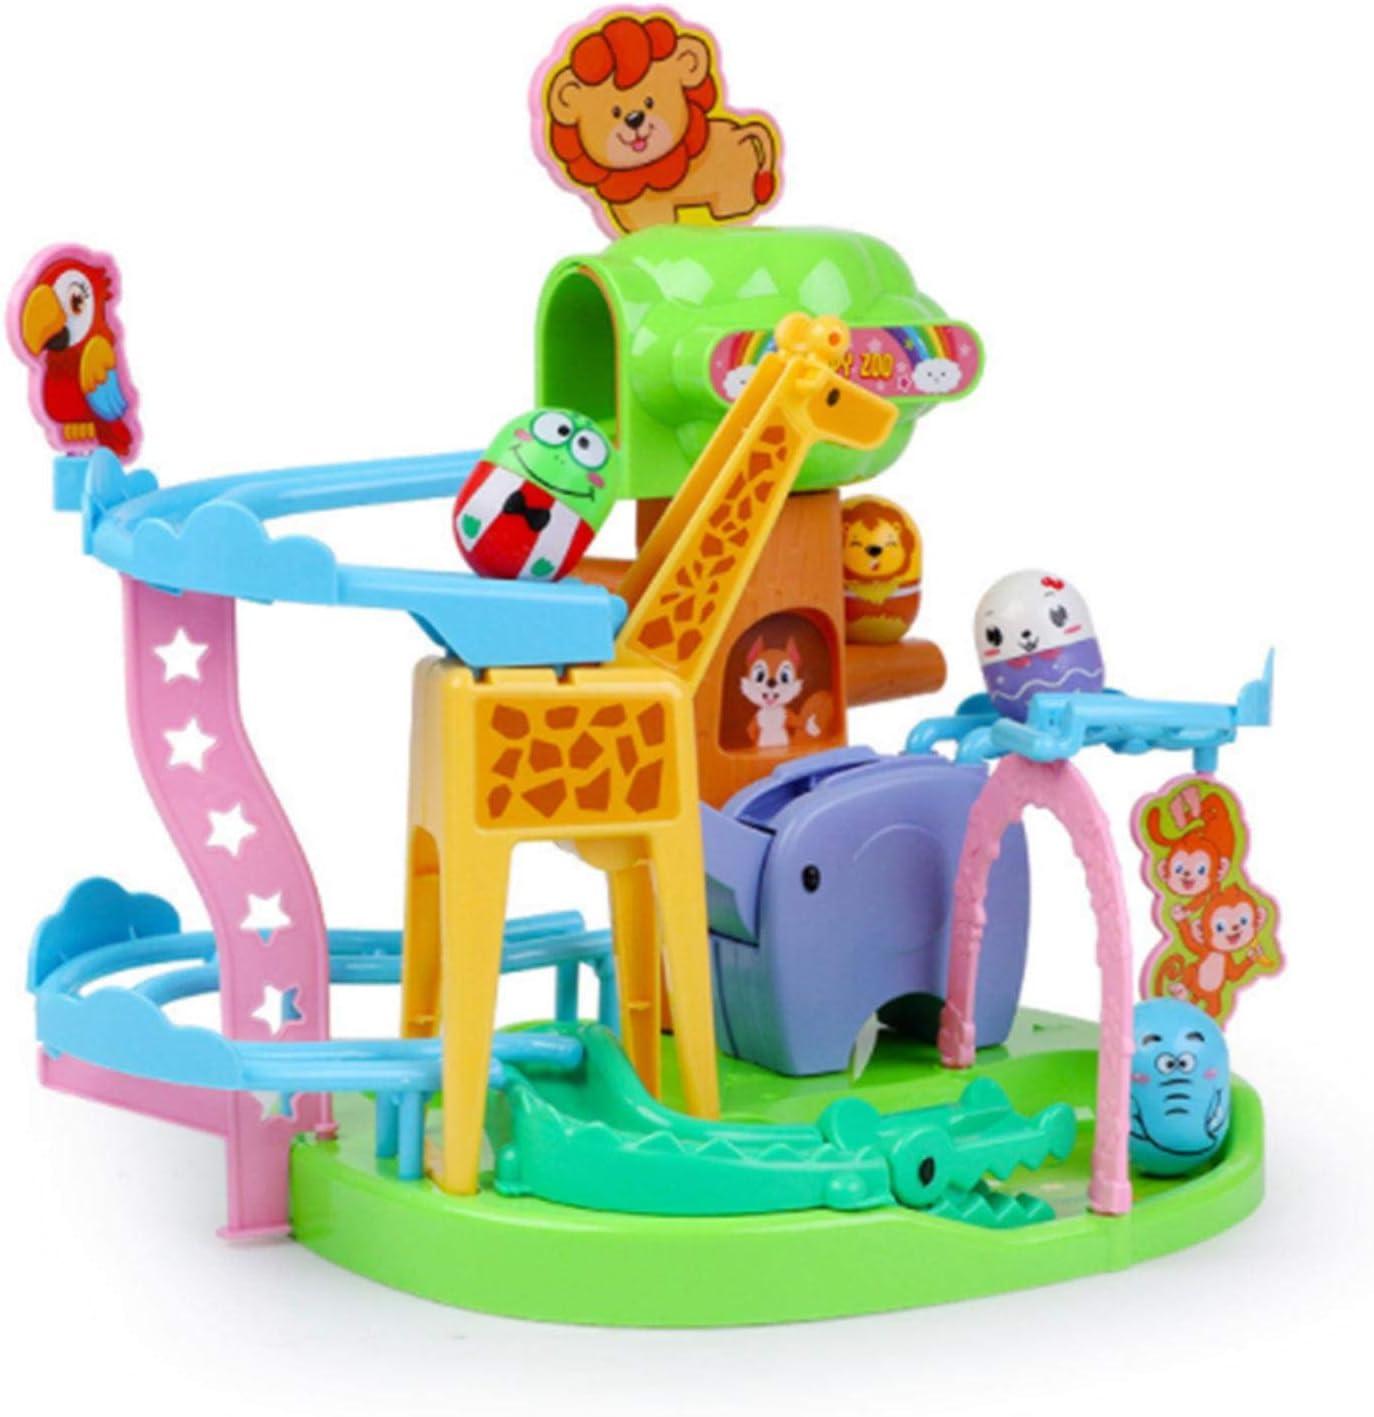 Heshengwan Track Run Building Toys, Animal Track Marble Run Juegos educativos Stem Juguetes de construcción Roly-Poly Ball Drop Toys, Regalos de cumpleaños de Navidad para niños niñas niños